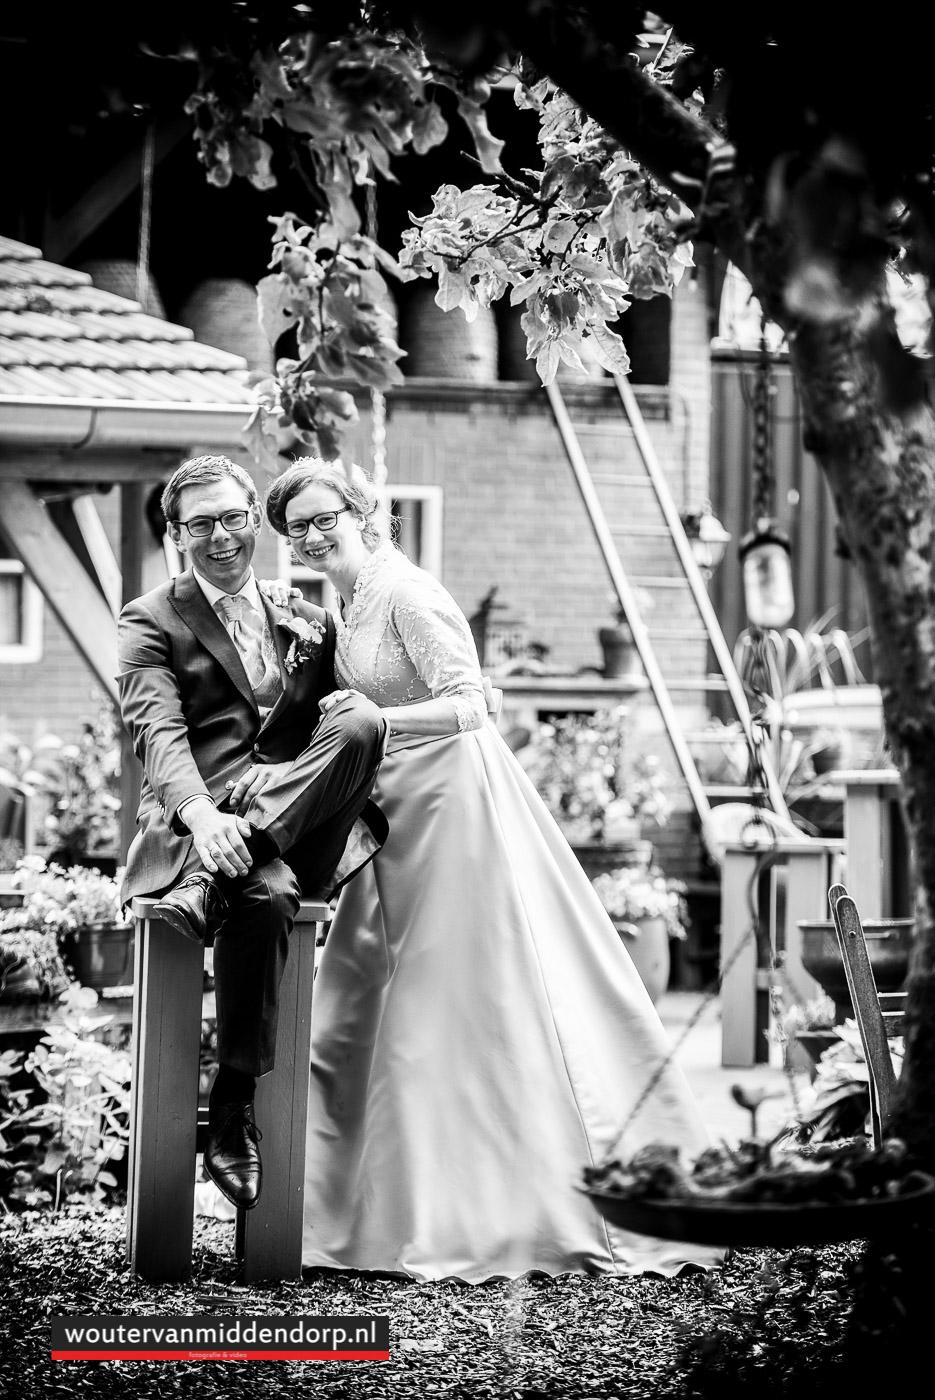 bruidsfotografie-wouter-van-middendorp-veenendaal-uddel-28